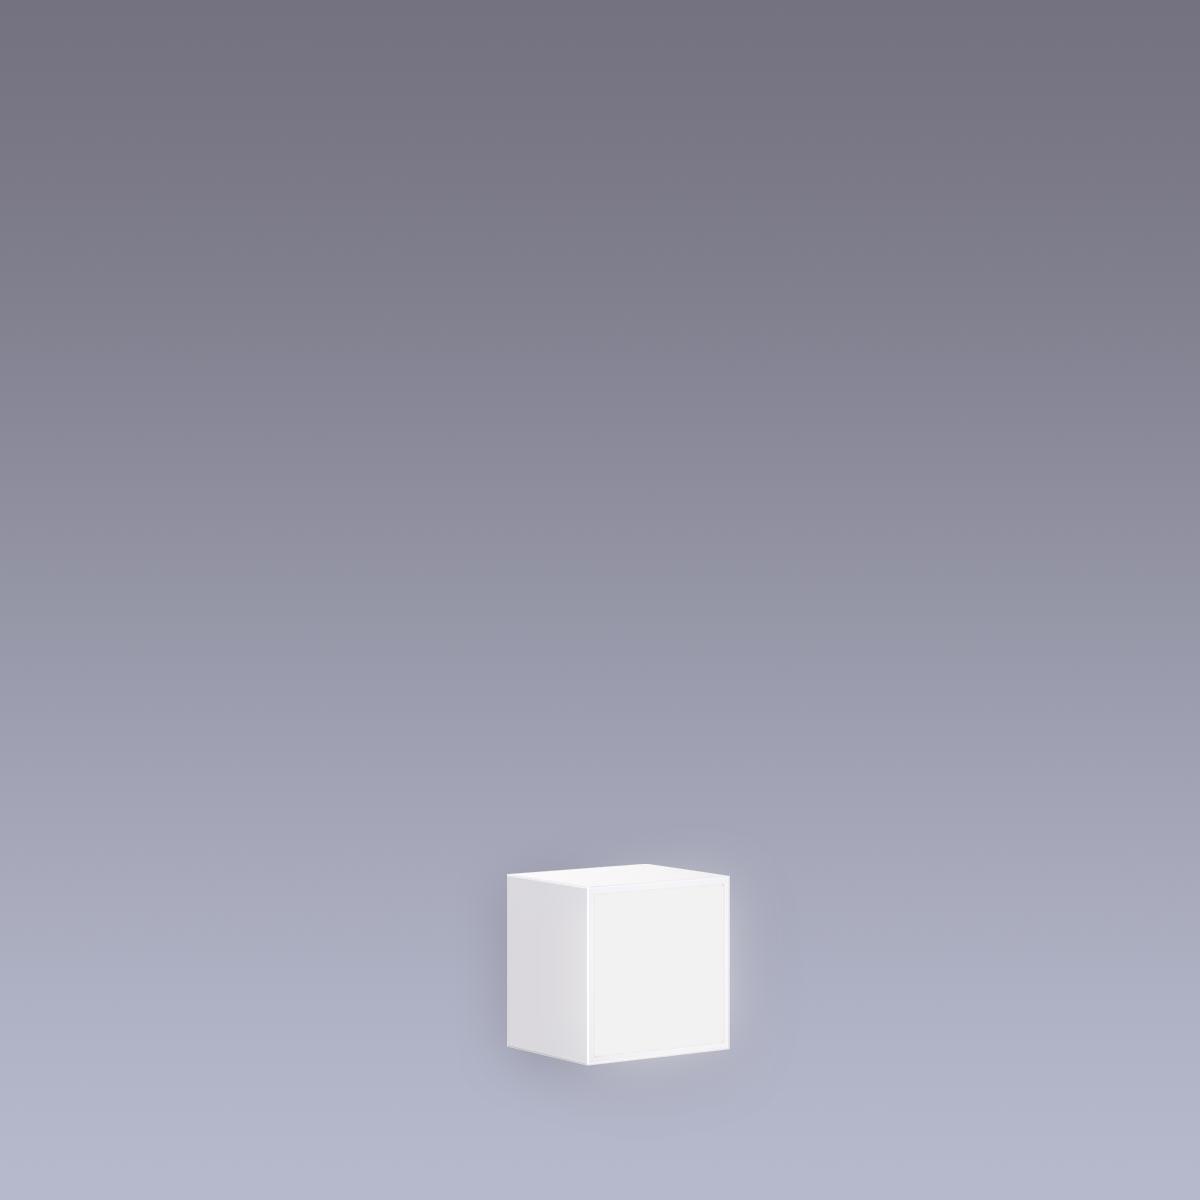 LED Hausnummer . Punkt CCT 12V 2700K/4000K/6500K